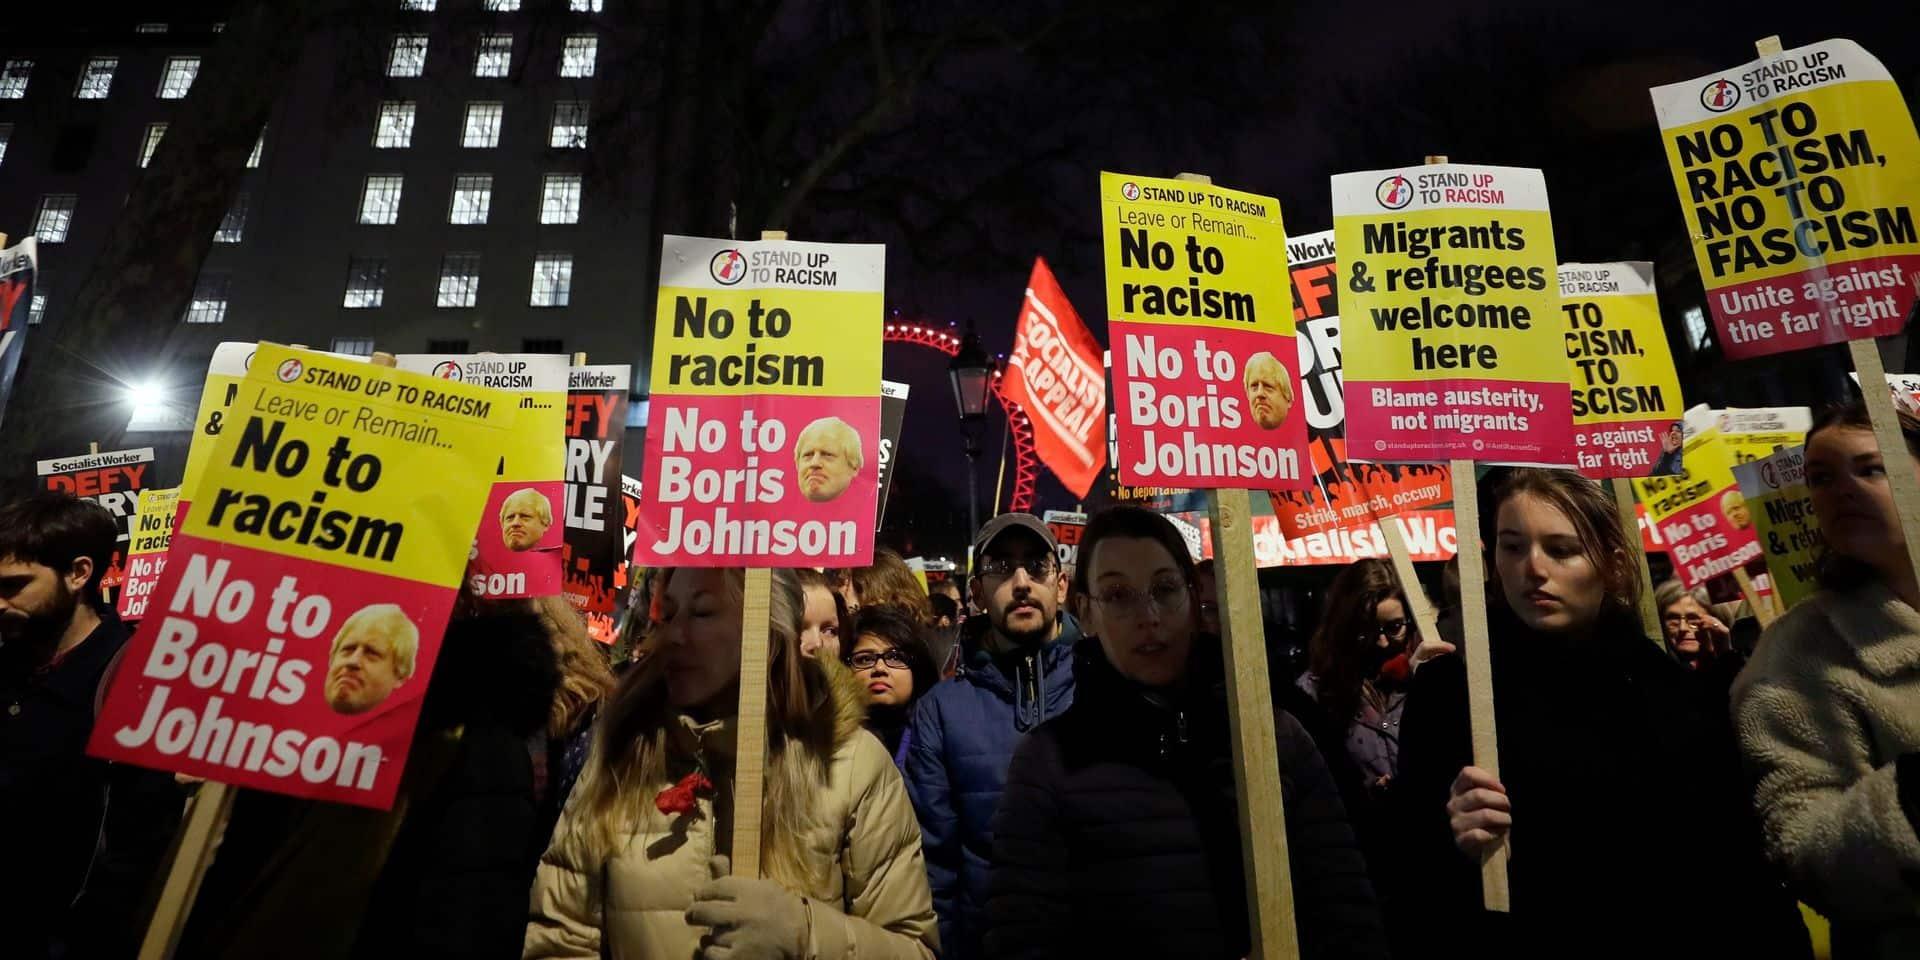 Le Royaume-Uni quittera l'Union européenne fin janvier: comment cela va-t-il se passer?